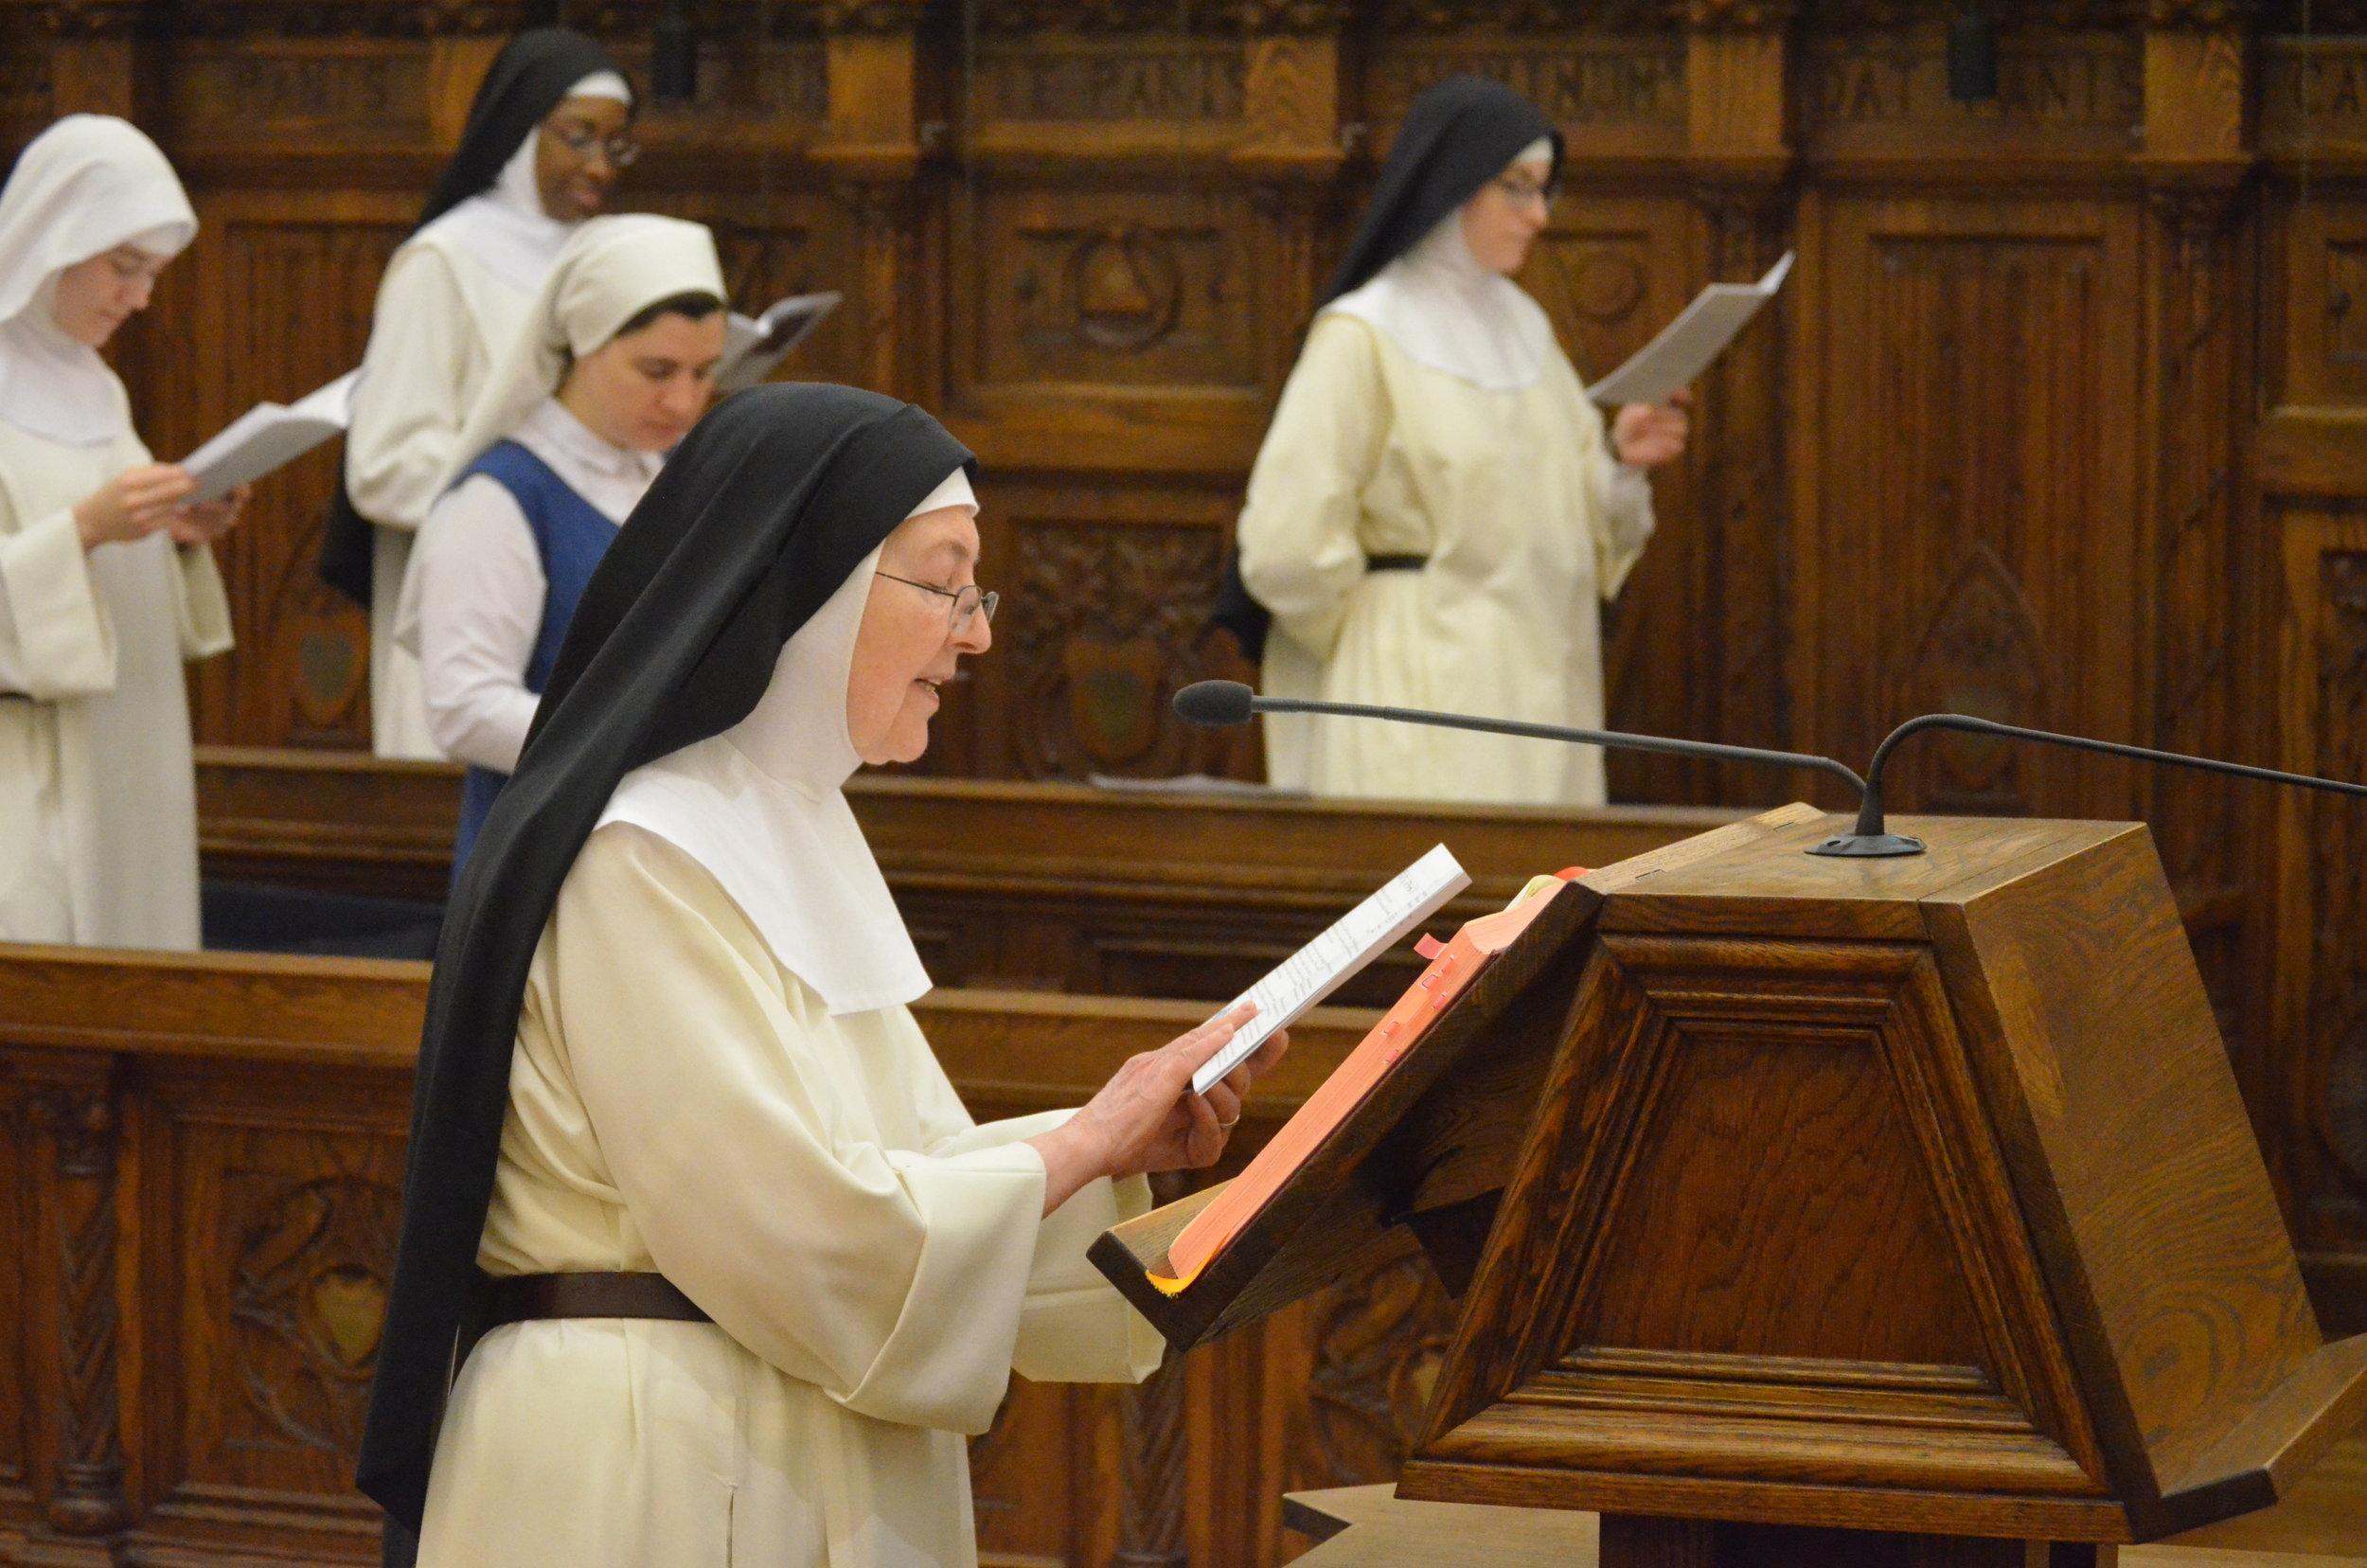 Sr. Mary John reading an intercession